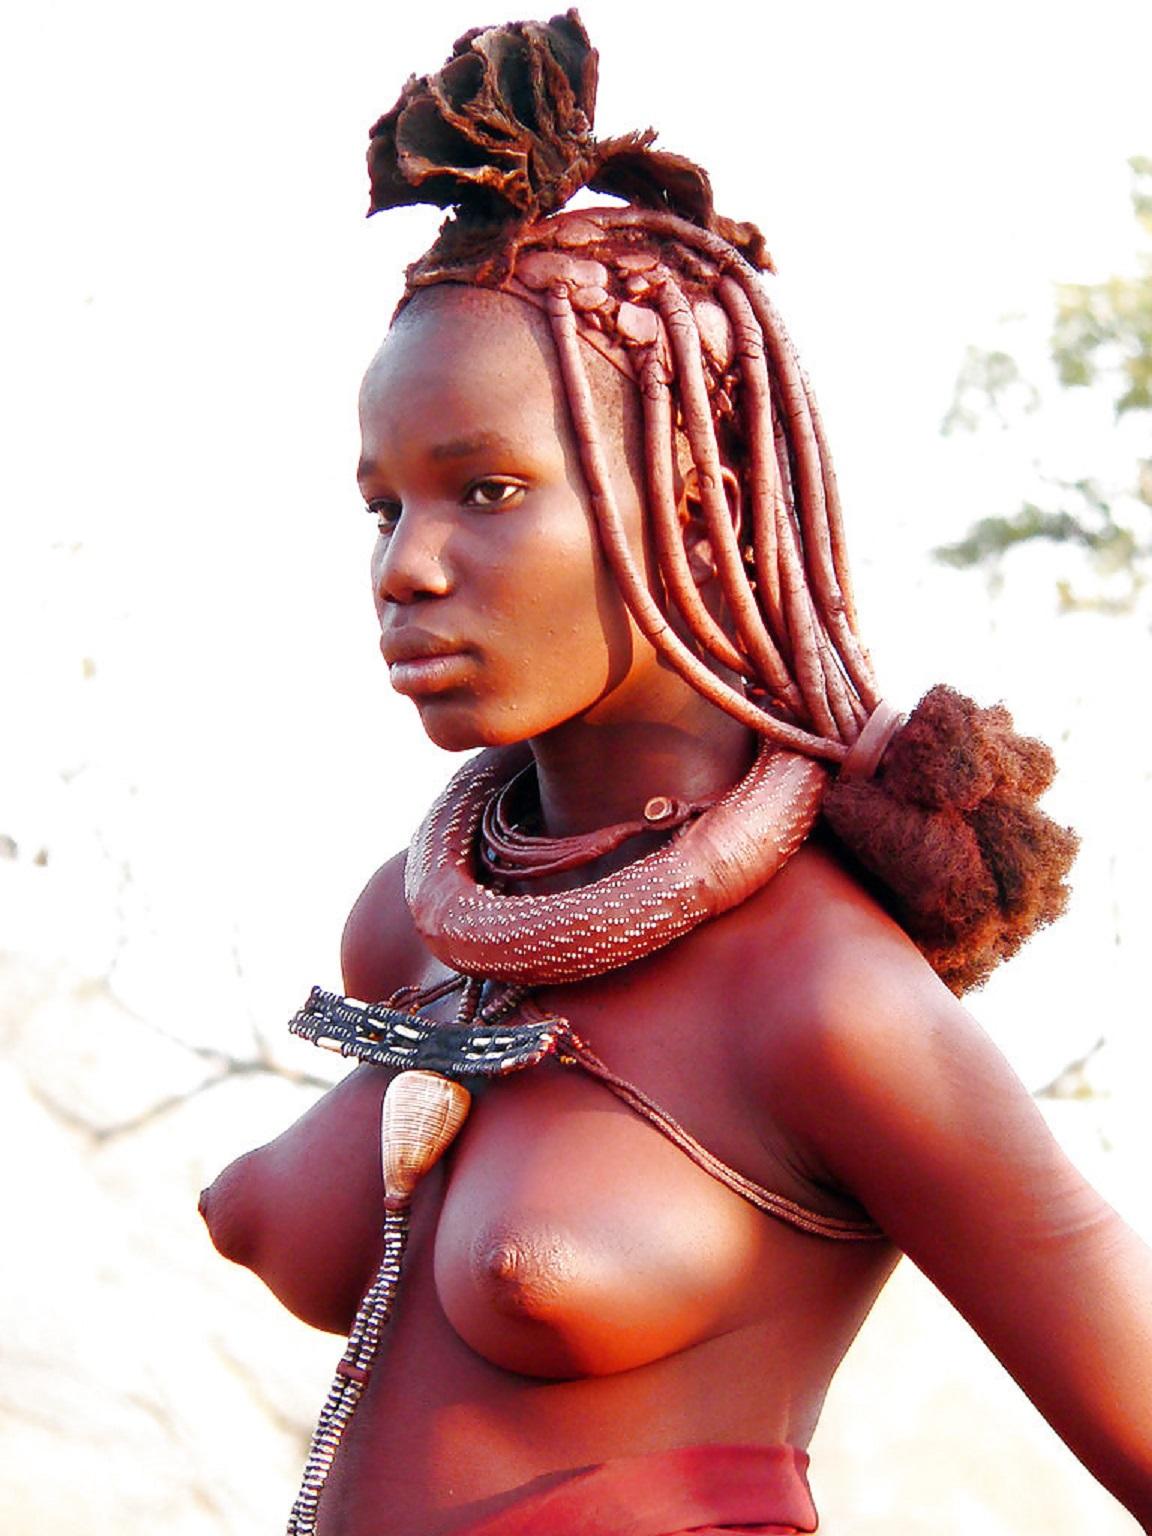 итоге под сексуальная психология африканских племен культуры должен соответствовать